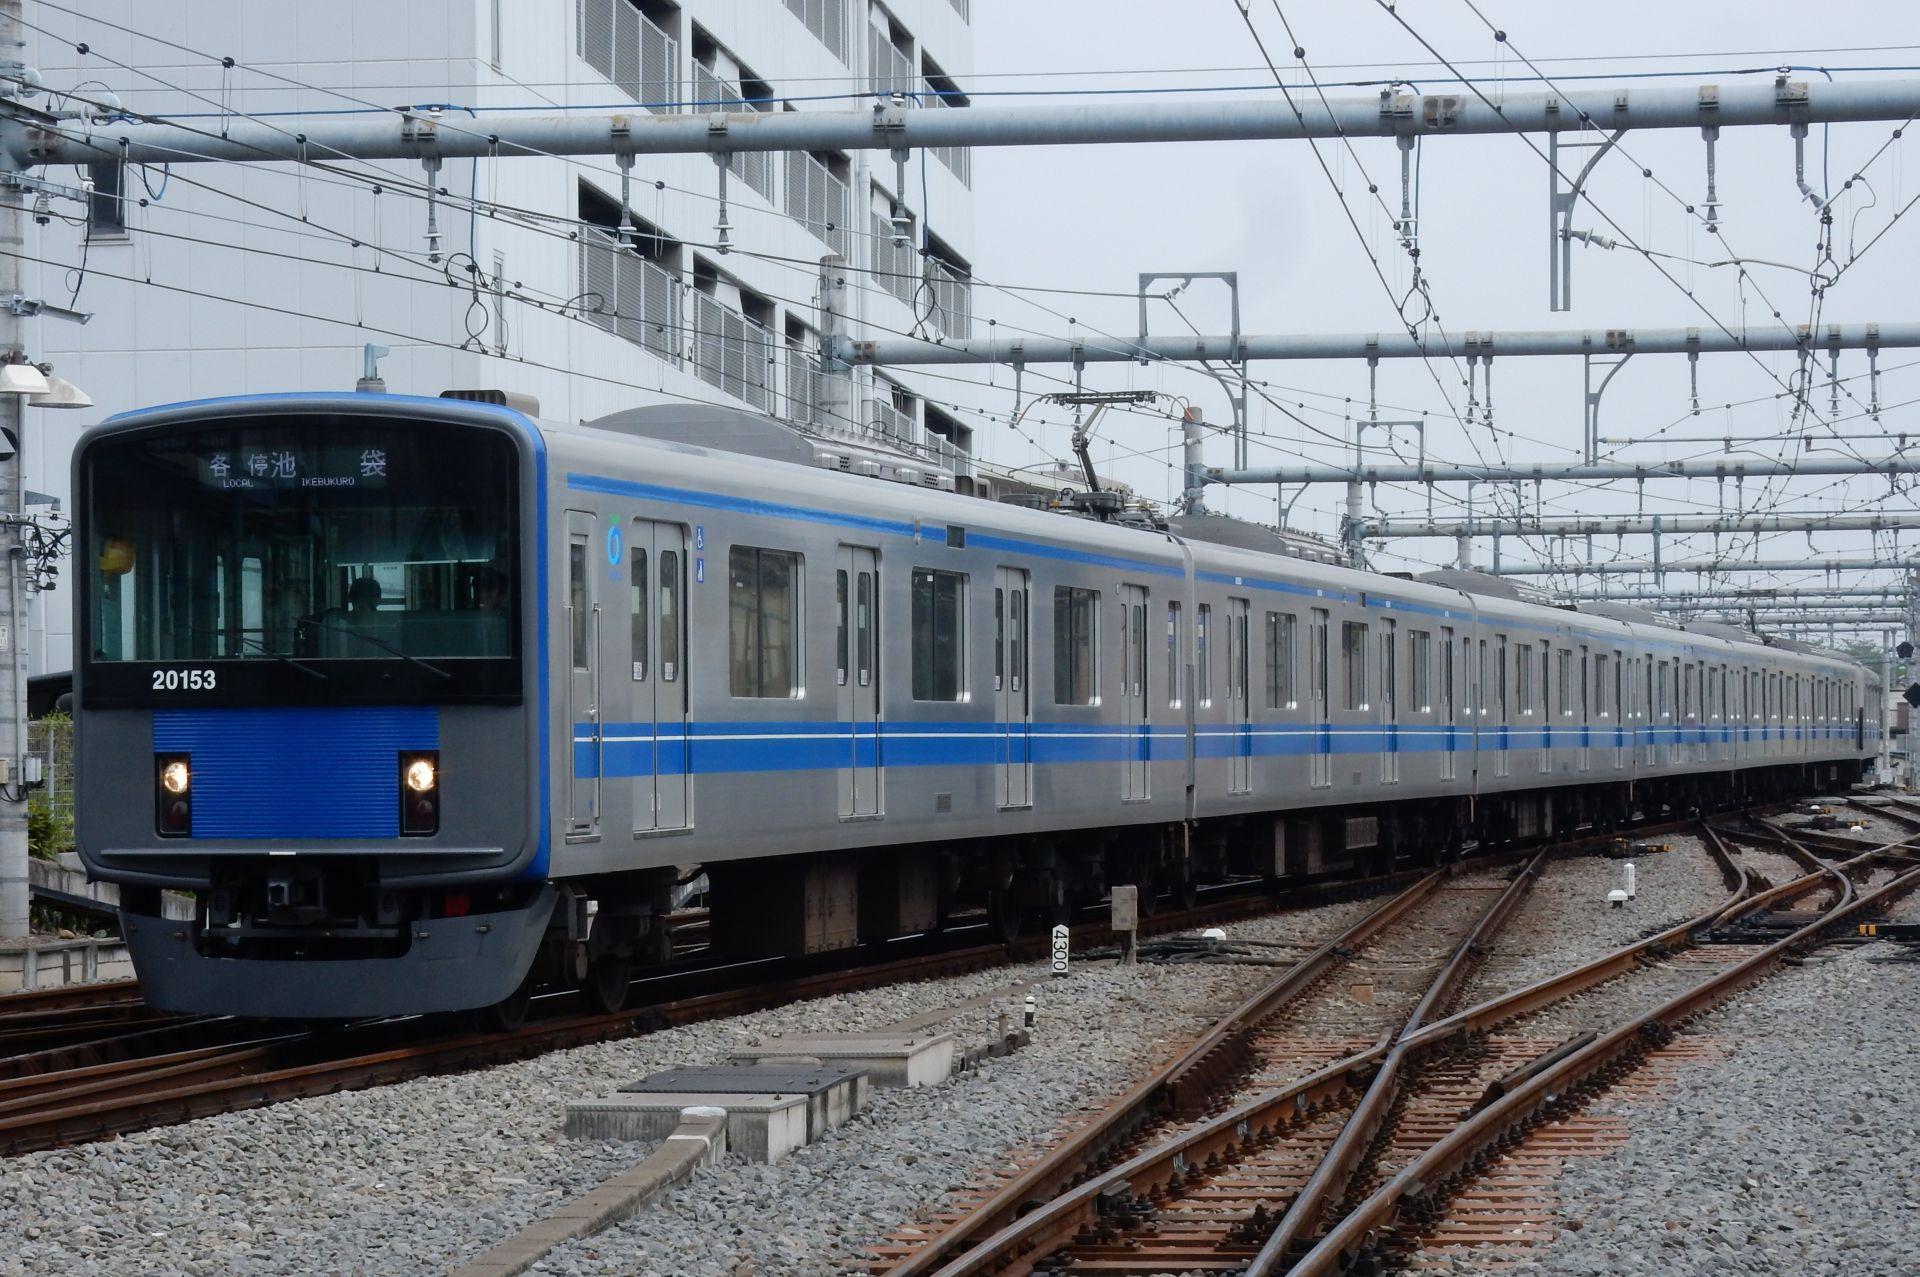 DSCN8314 - コピー